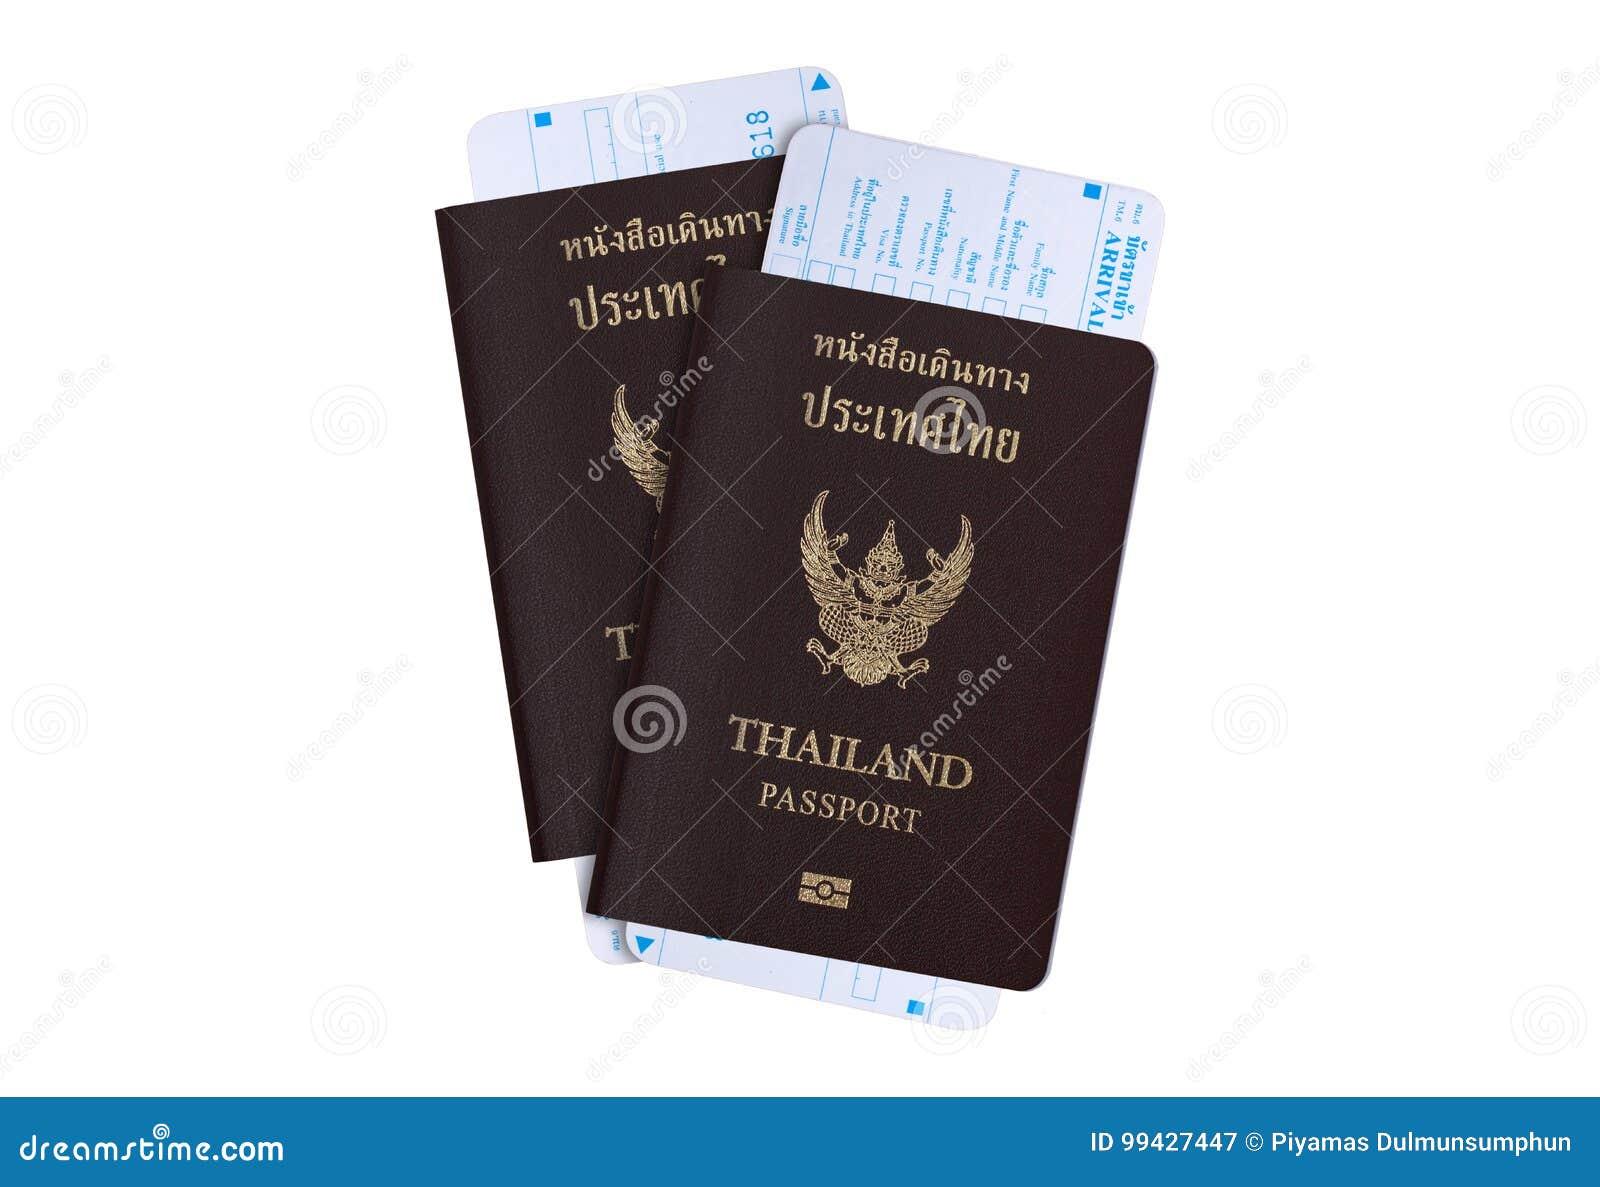 Conceito da indústria de viagens do visto de turista: Passaporte de Tailândia